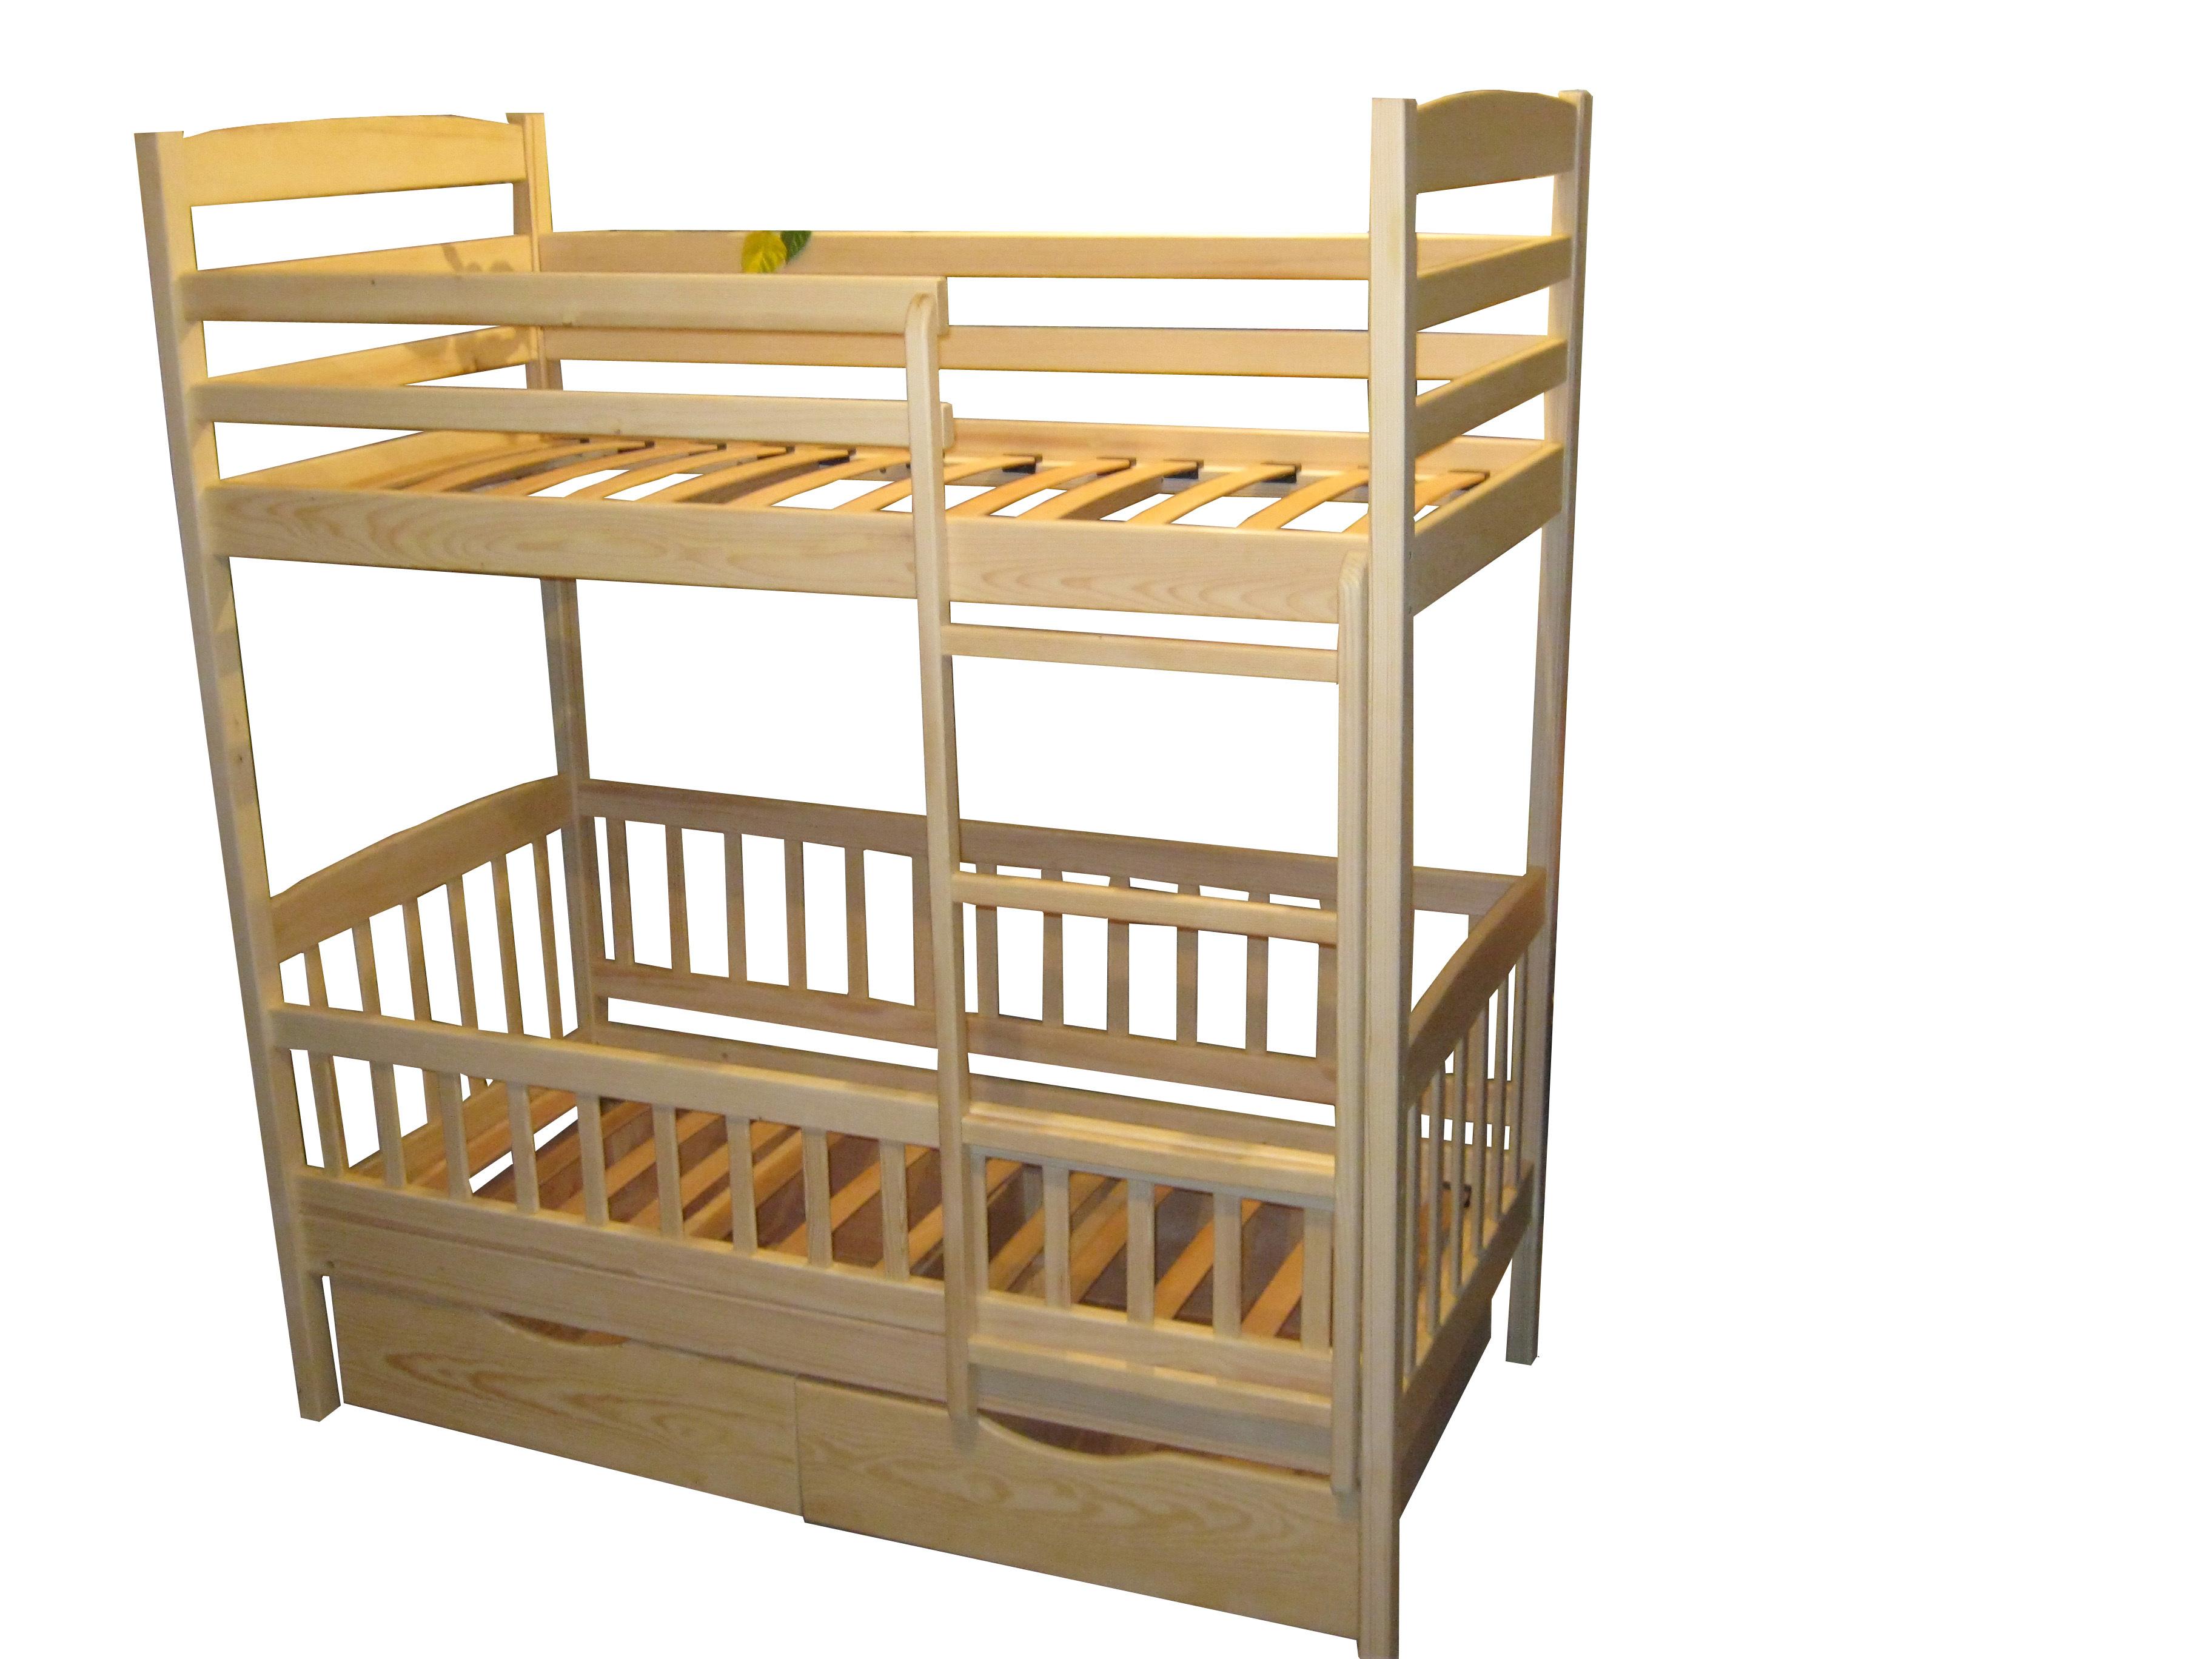 2х ярусная детская кровать своими руками